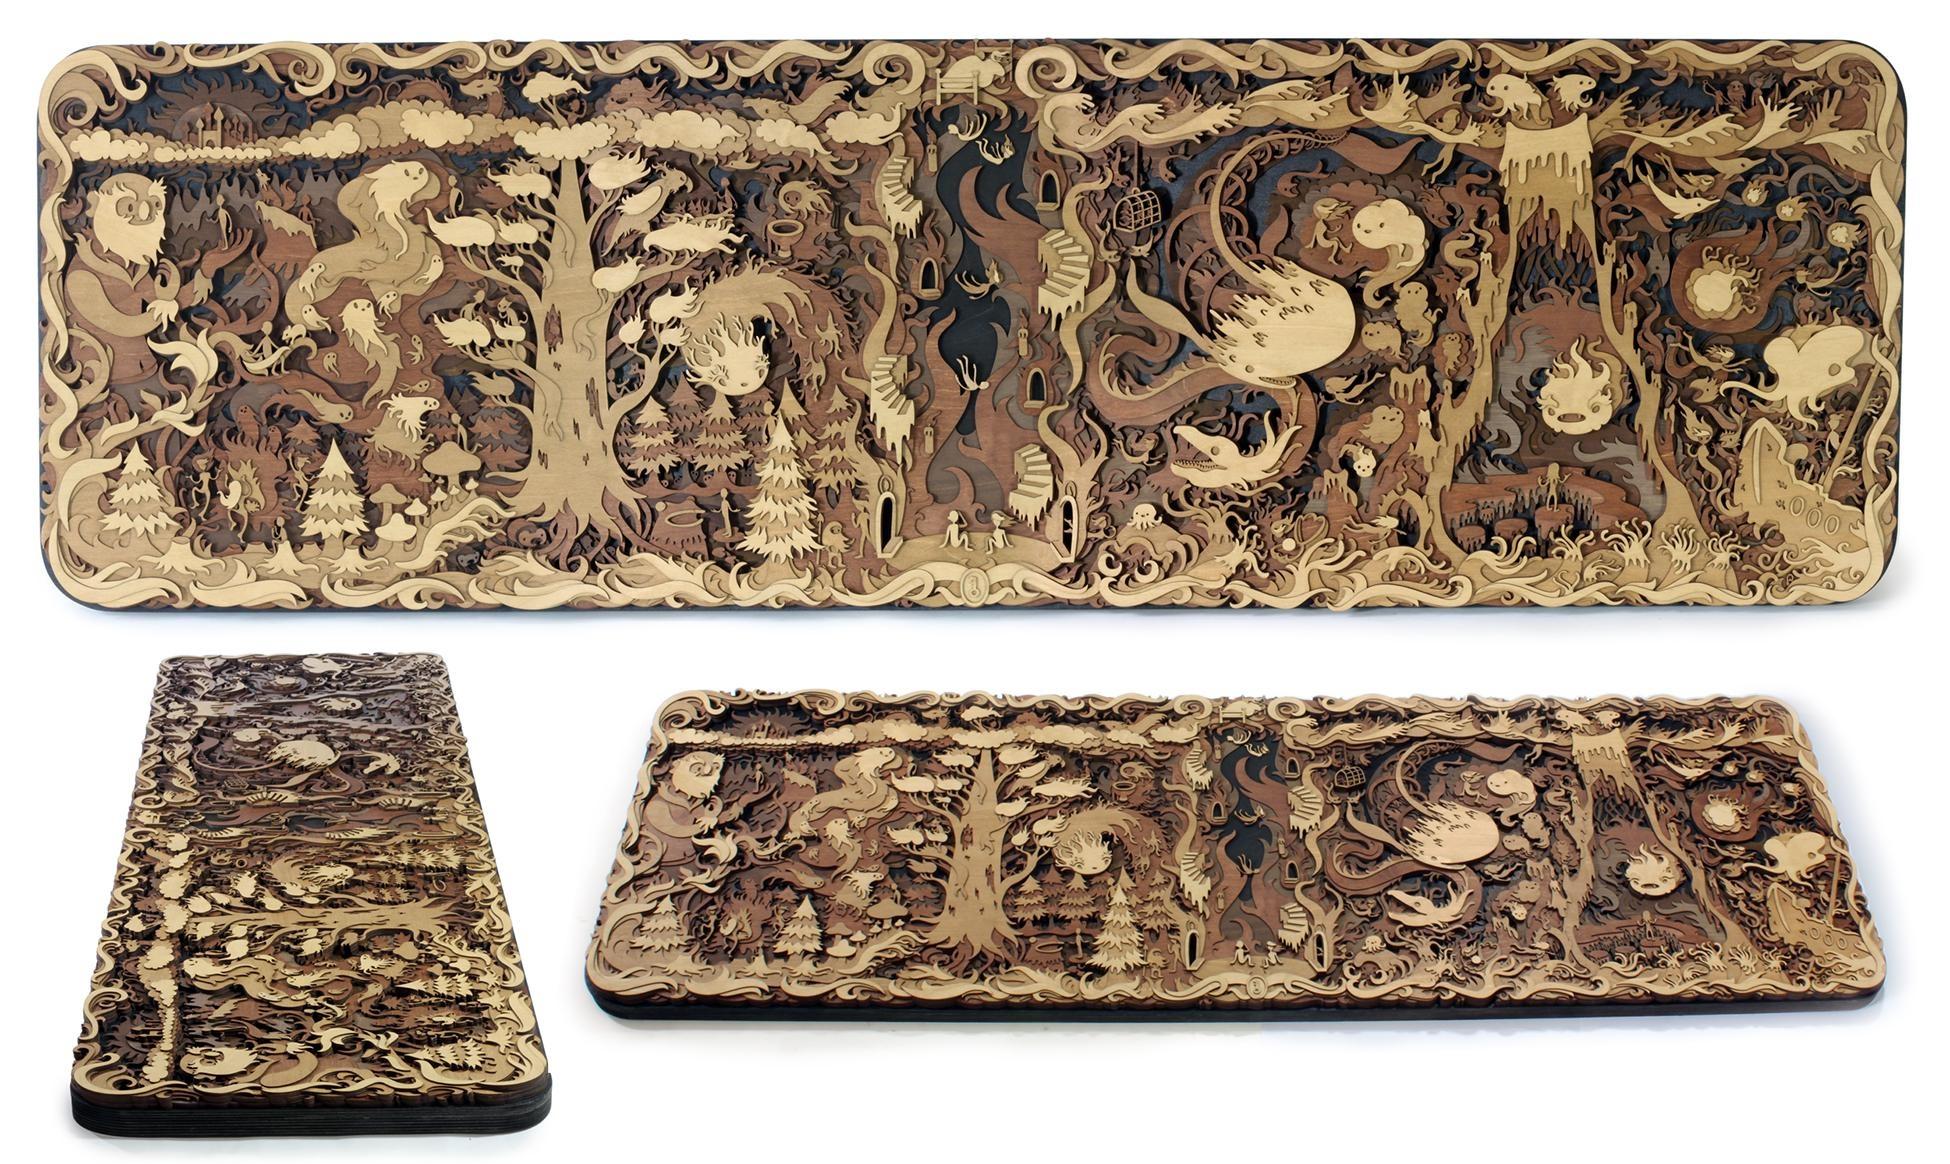 criaturas-miticas-creadas-de-madera-9